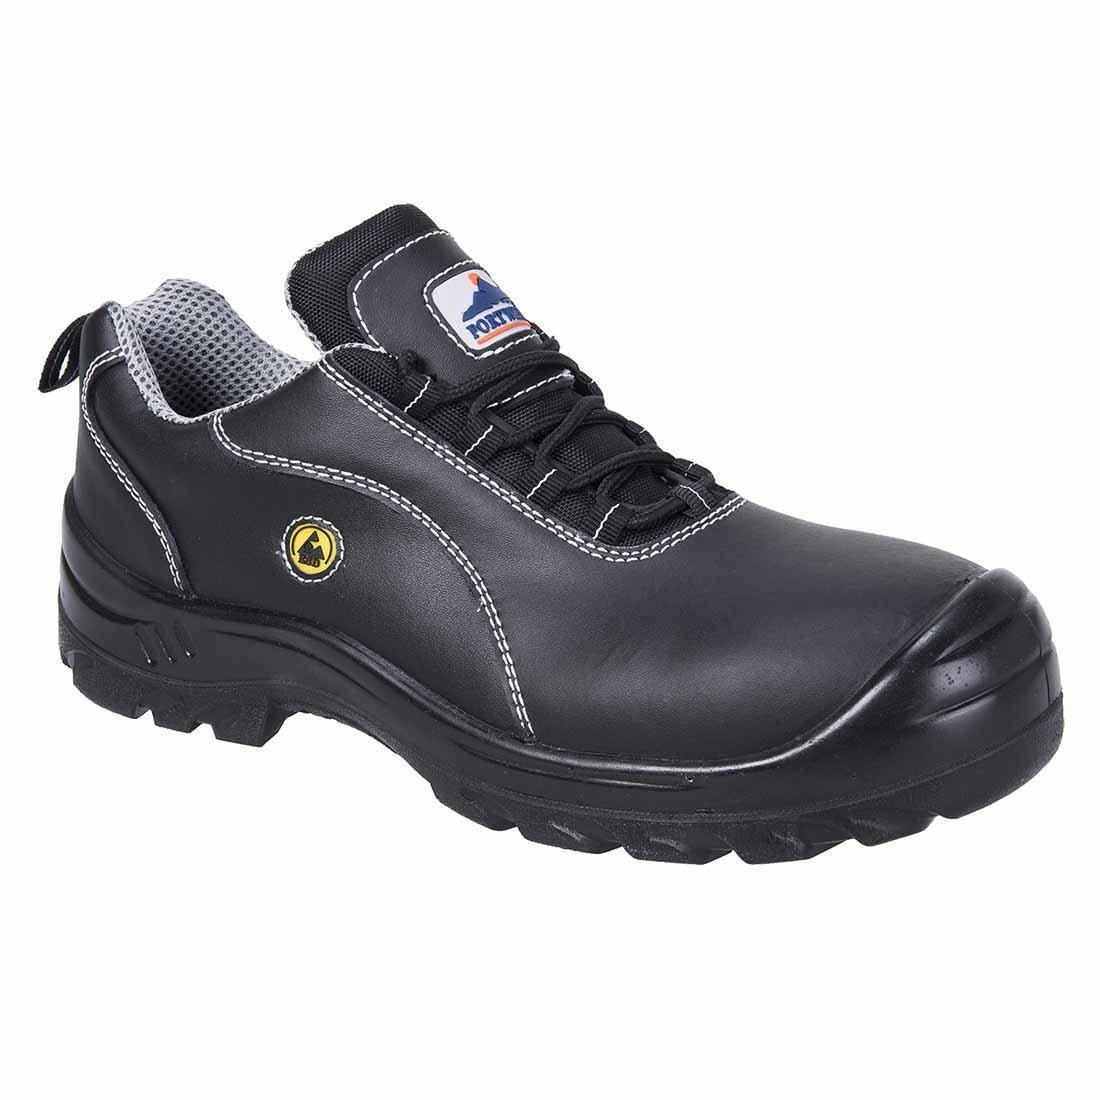 talla 6 UK Calzado de protecci/ón para hombre color negro Compositelite